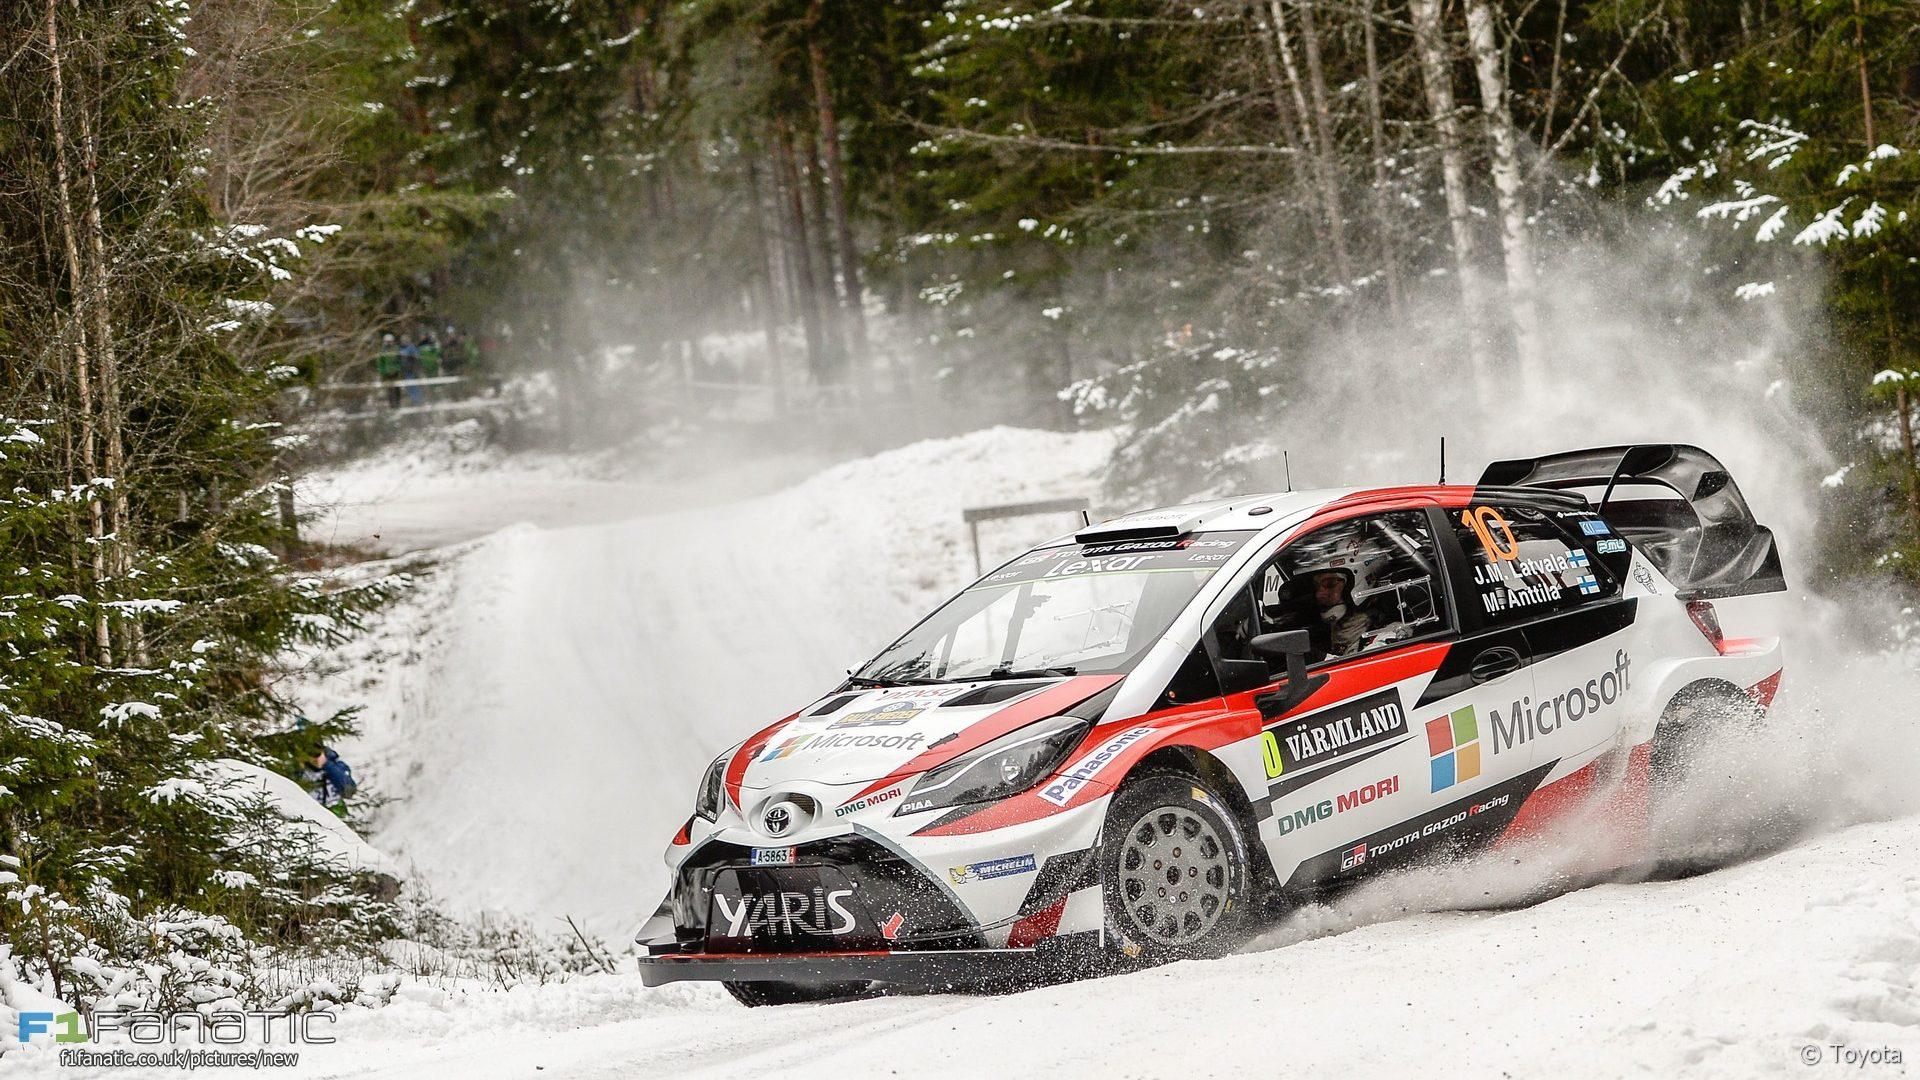 Mettete le chiodate: è giunto il weekend del Rally di Svezia